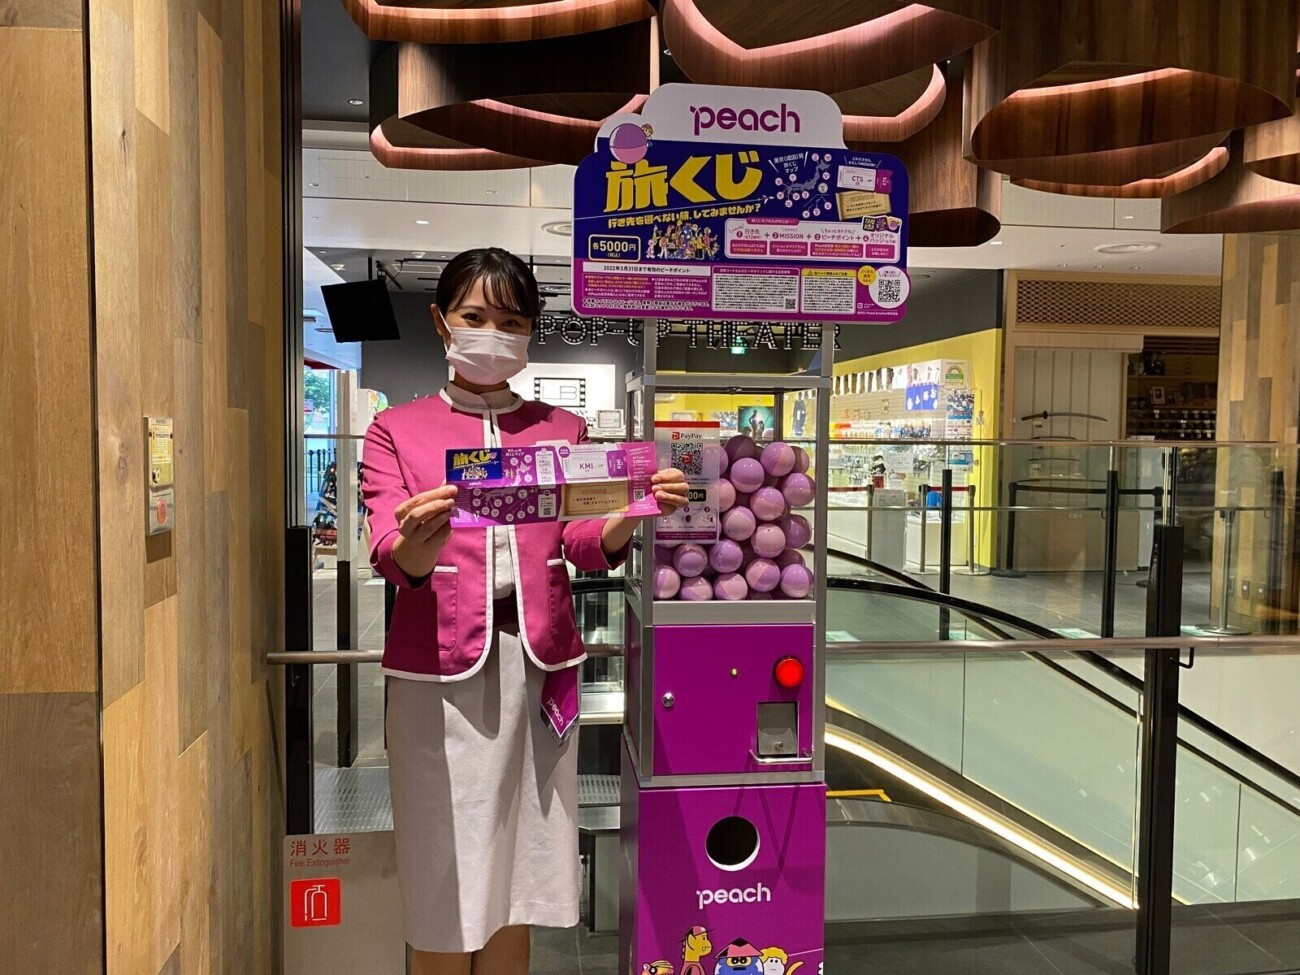 В Японии установили торговые автоматы со случайными авиабилетами по стране